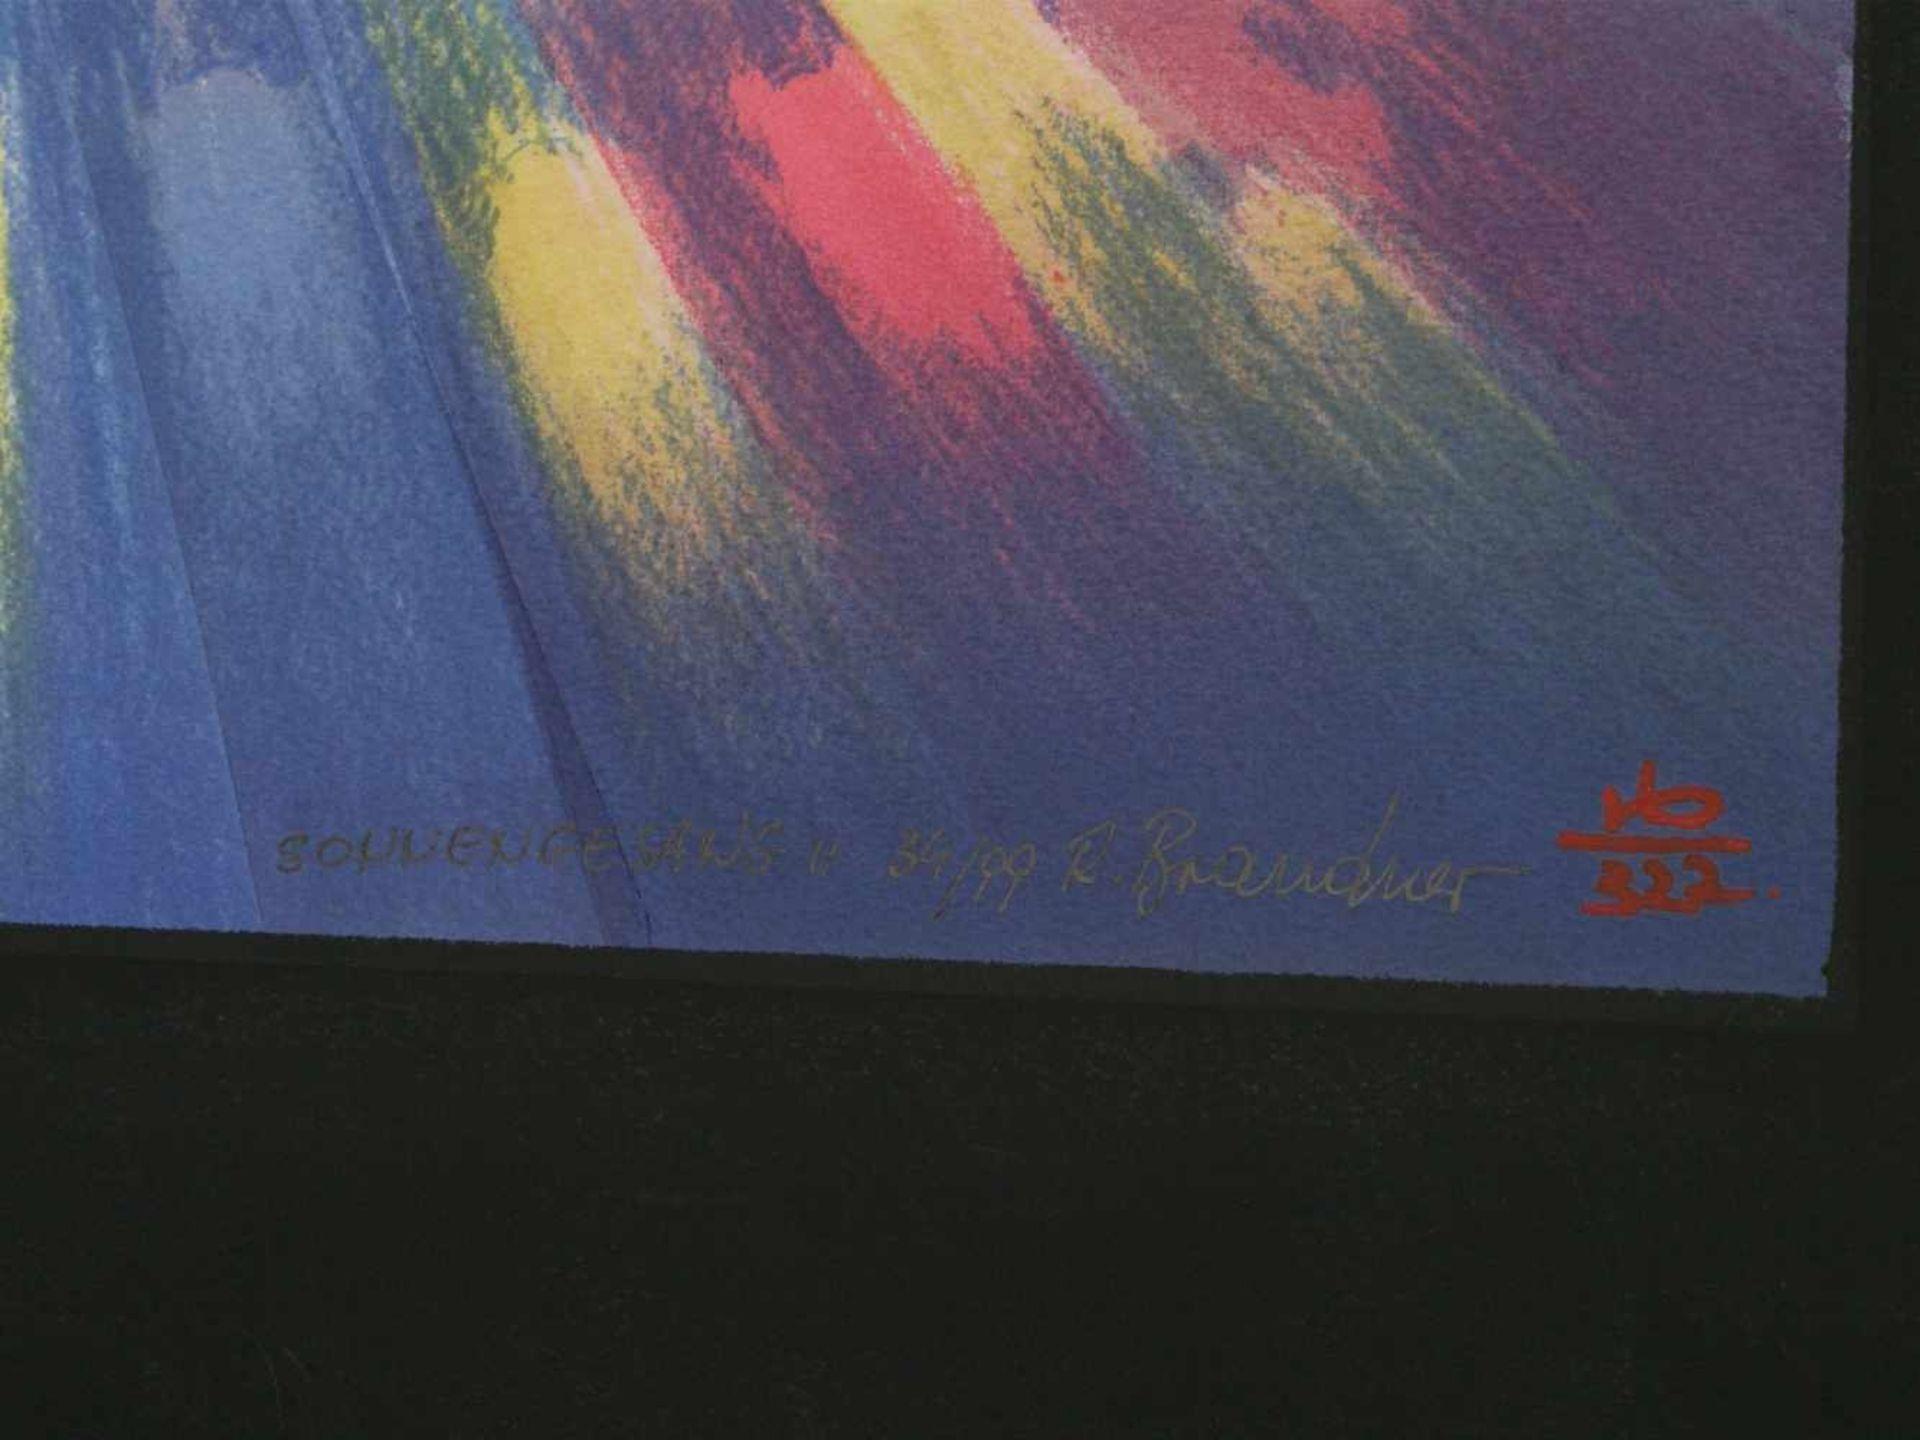 Los 35 - Brandner, Reinhard (1938) - Sonnengesang II und IV Manugrafien 34/99 und 51/99Aufregende